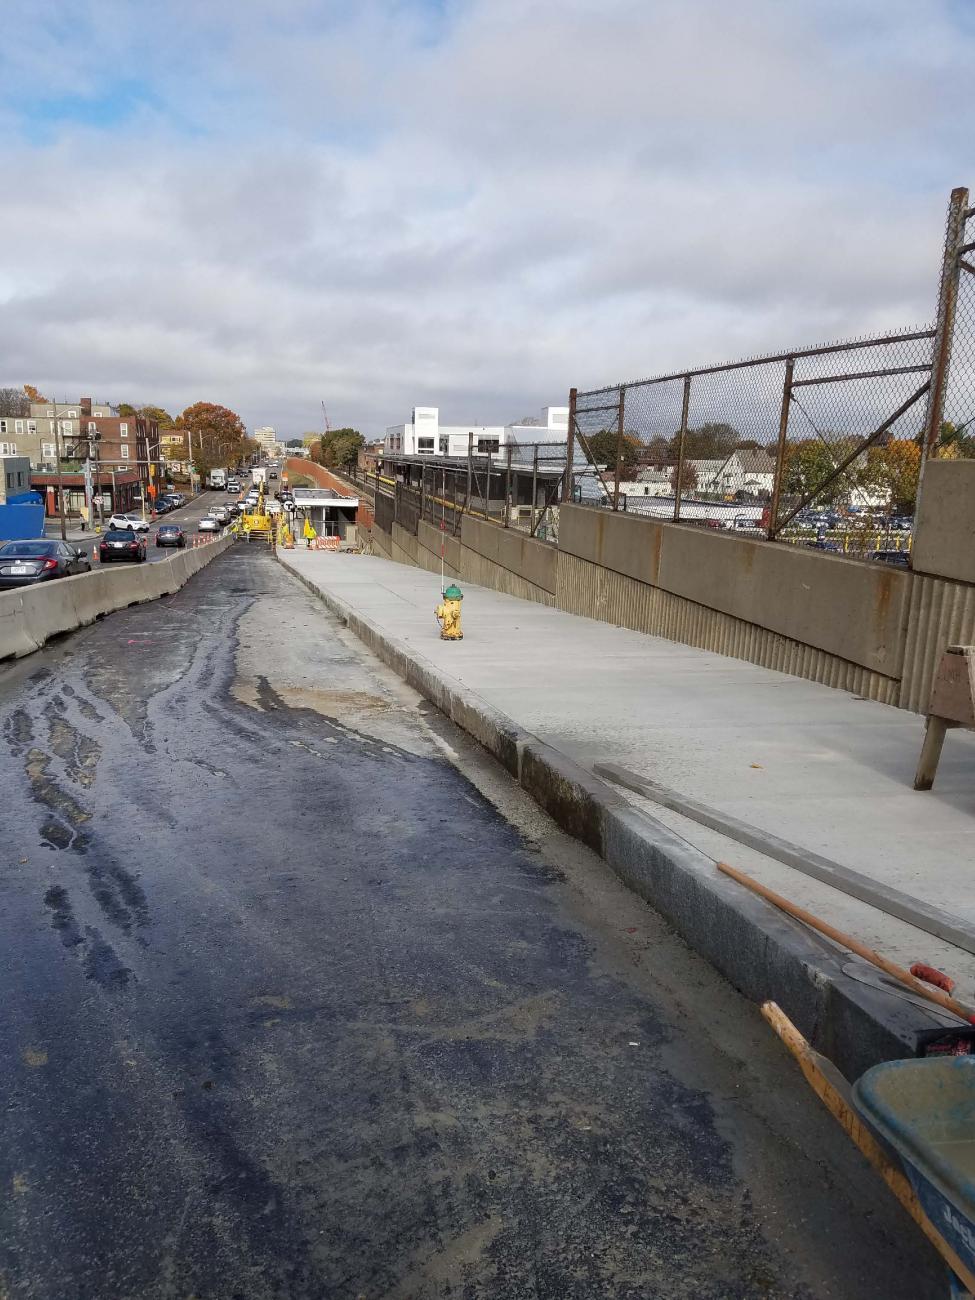 Installation of sidewalk on Newport Ave (October 2019)